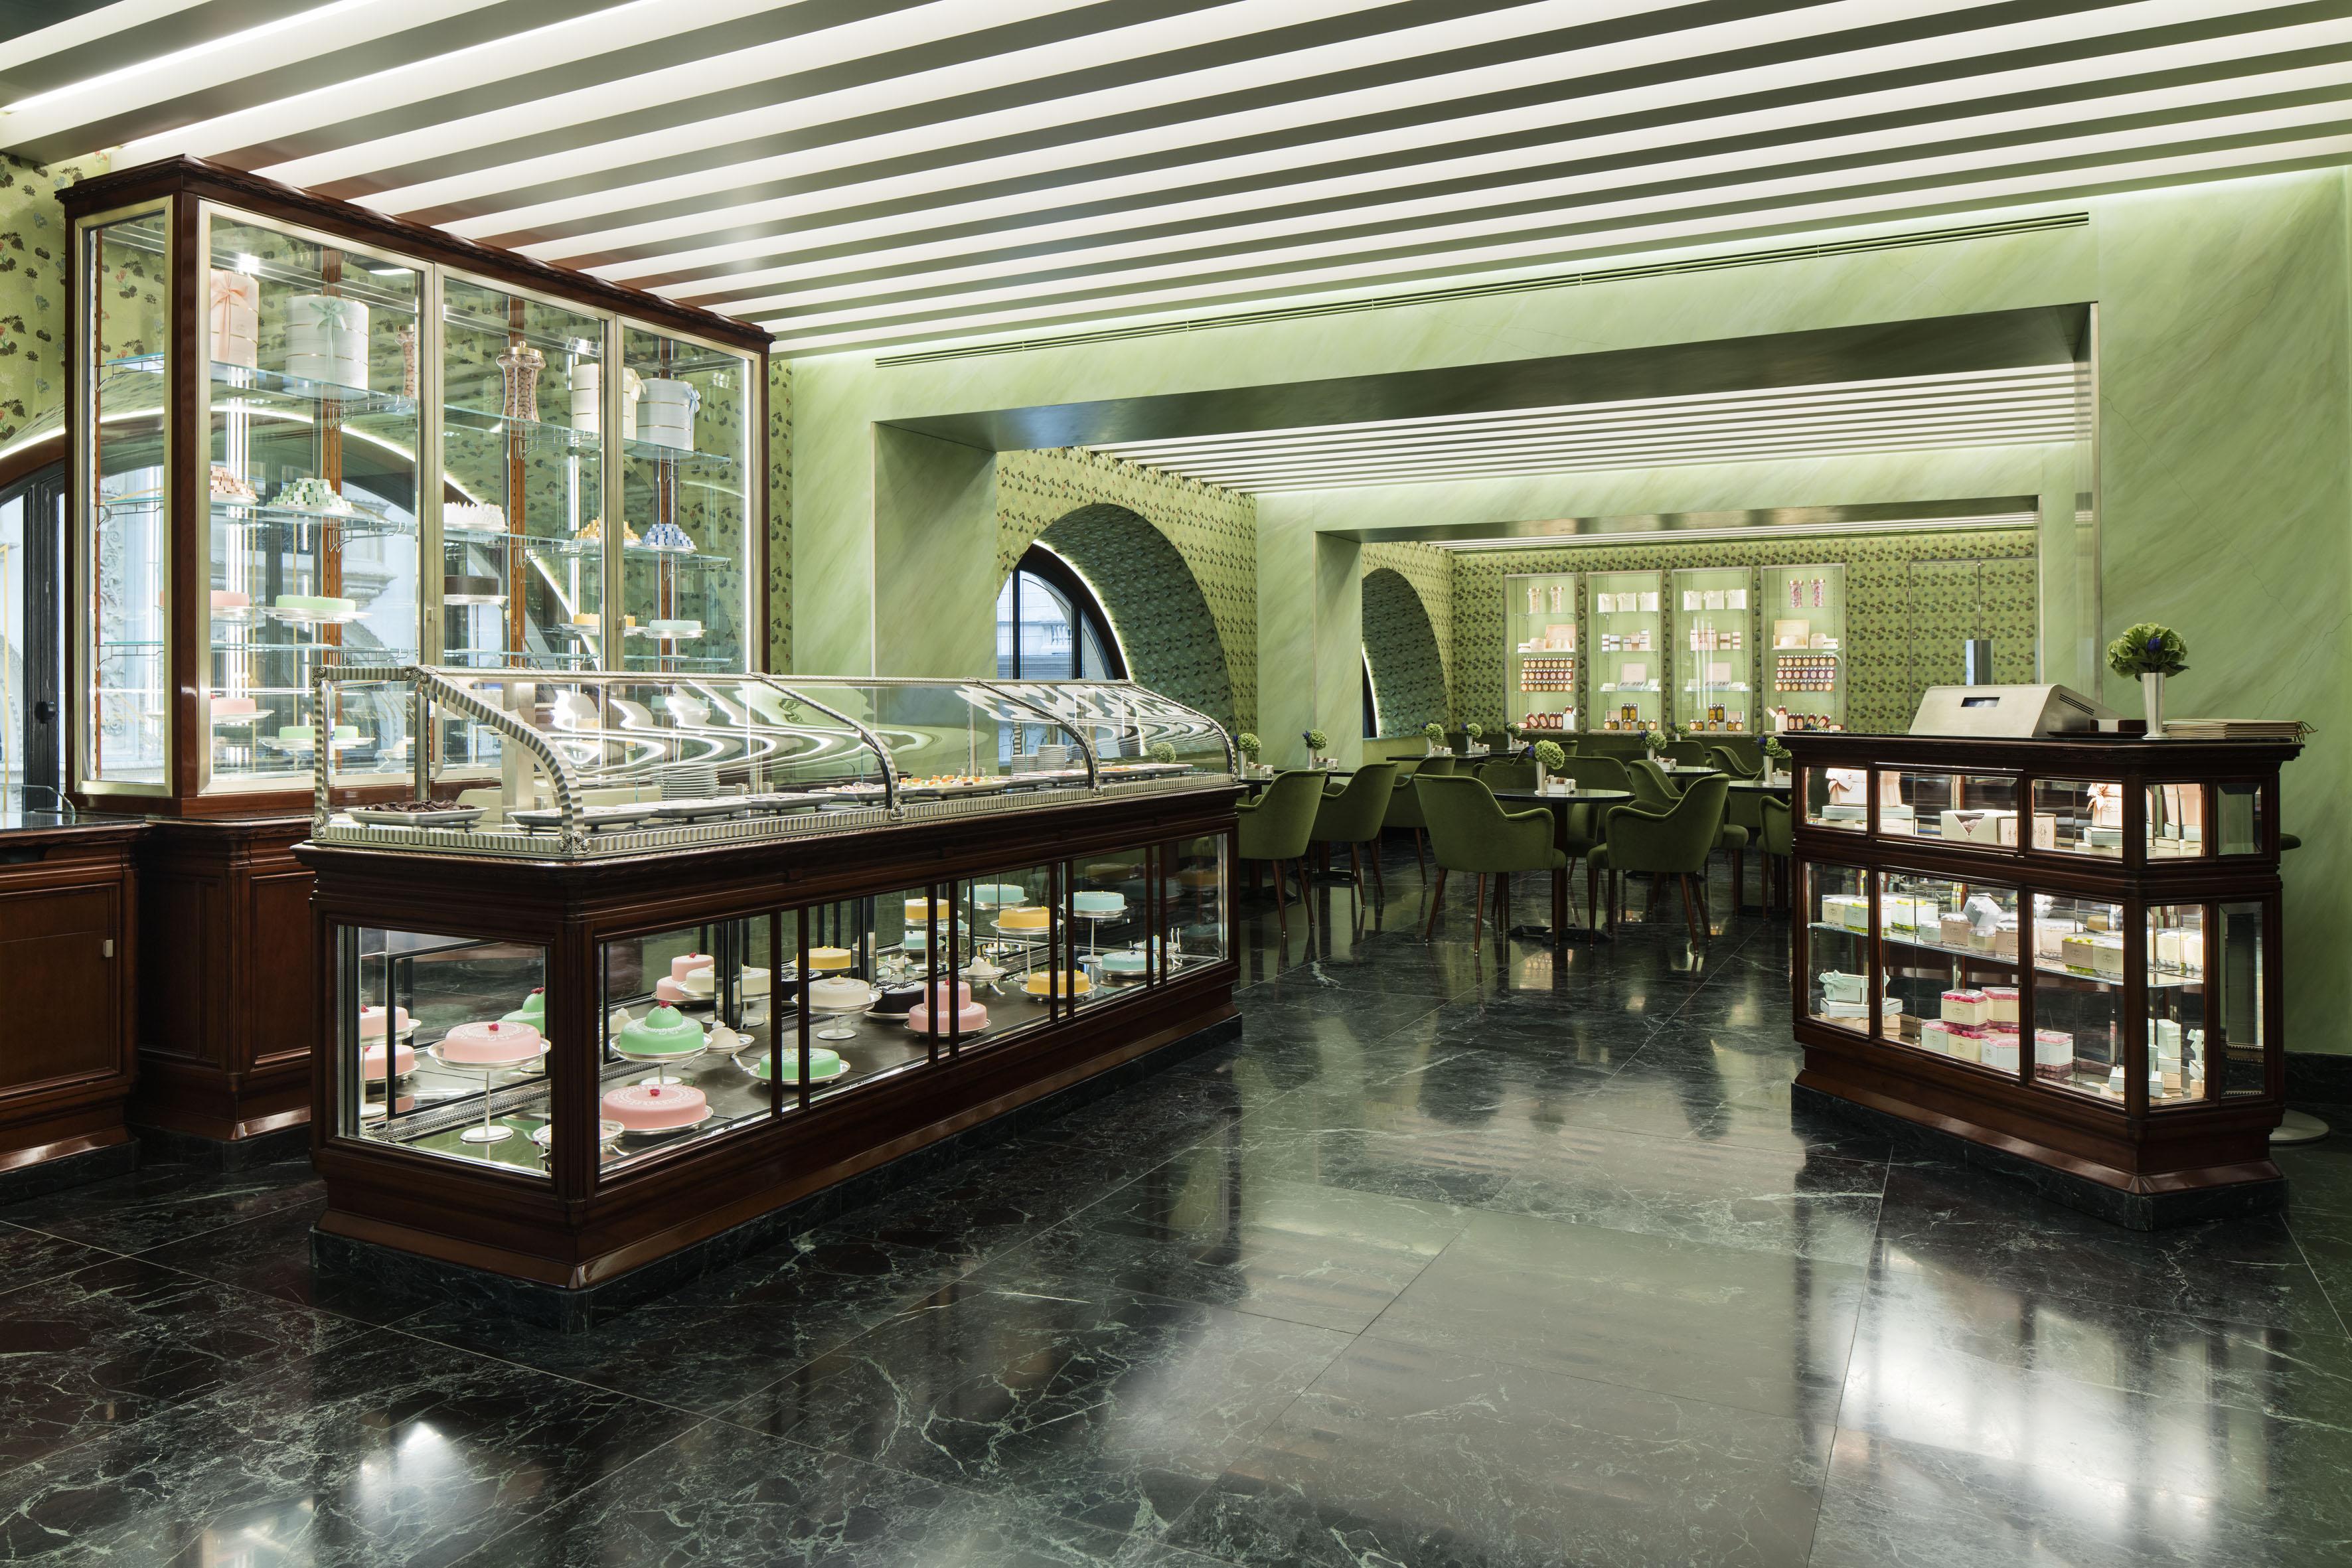 Pasticceria Marchesi Galleria Vittorio Emanuele